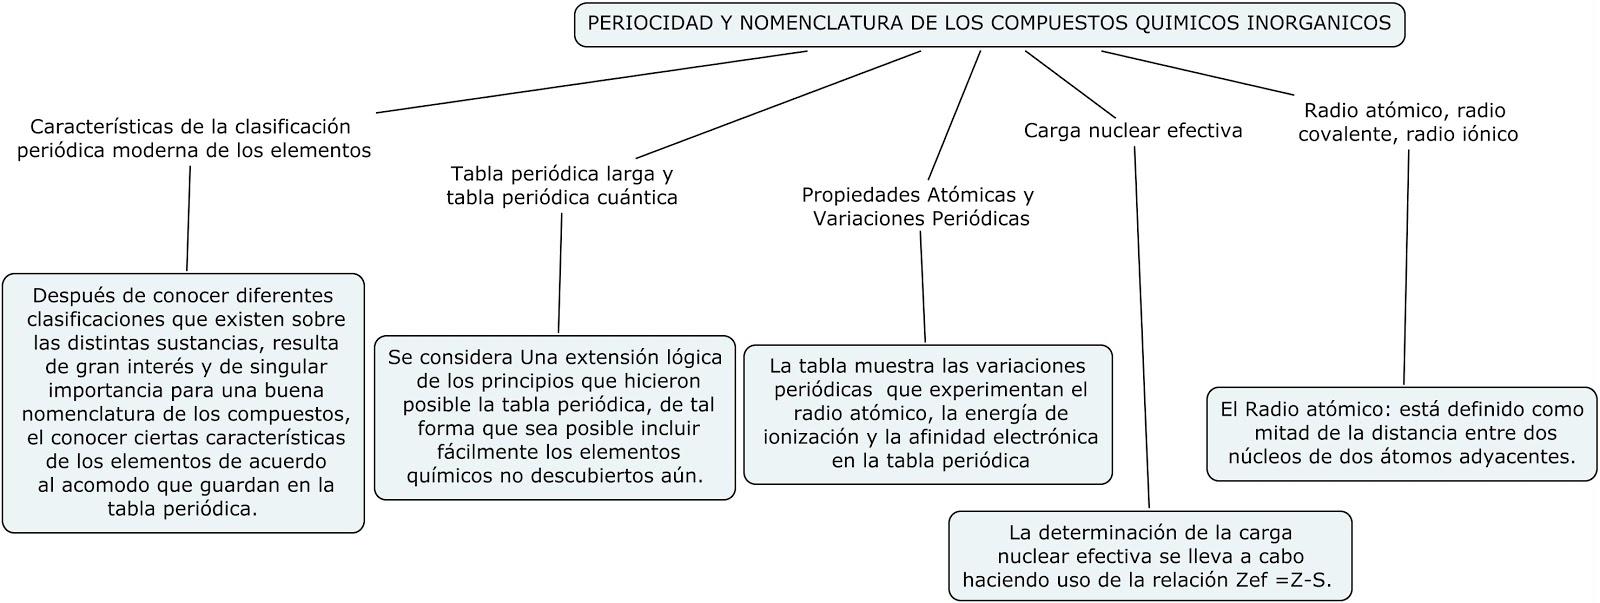 Quimica primer semestre 2012 publicado por yolimar parra en 1950 no hay comentarios urtaz Choice Image